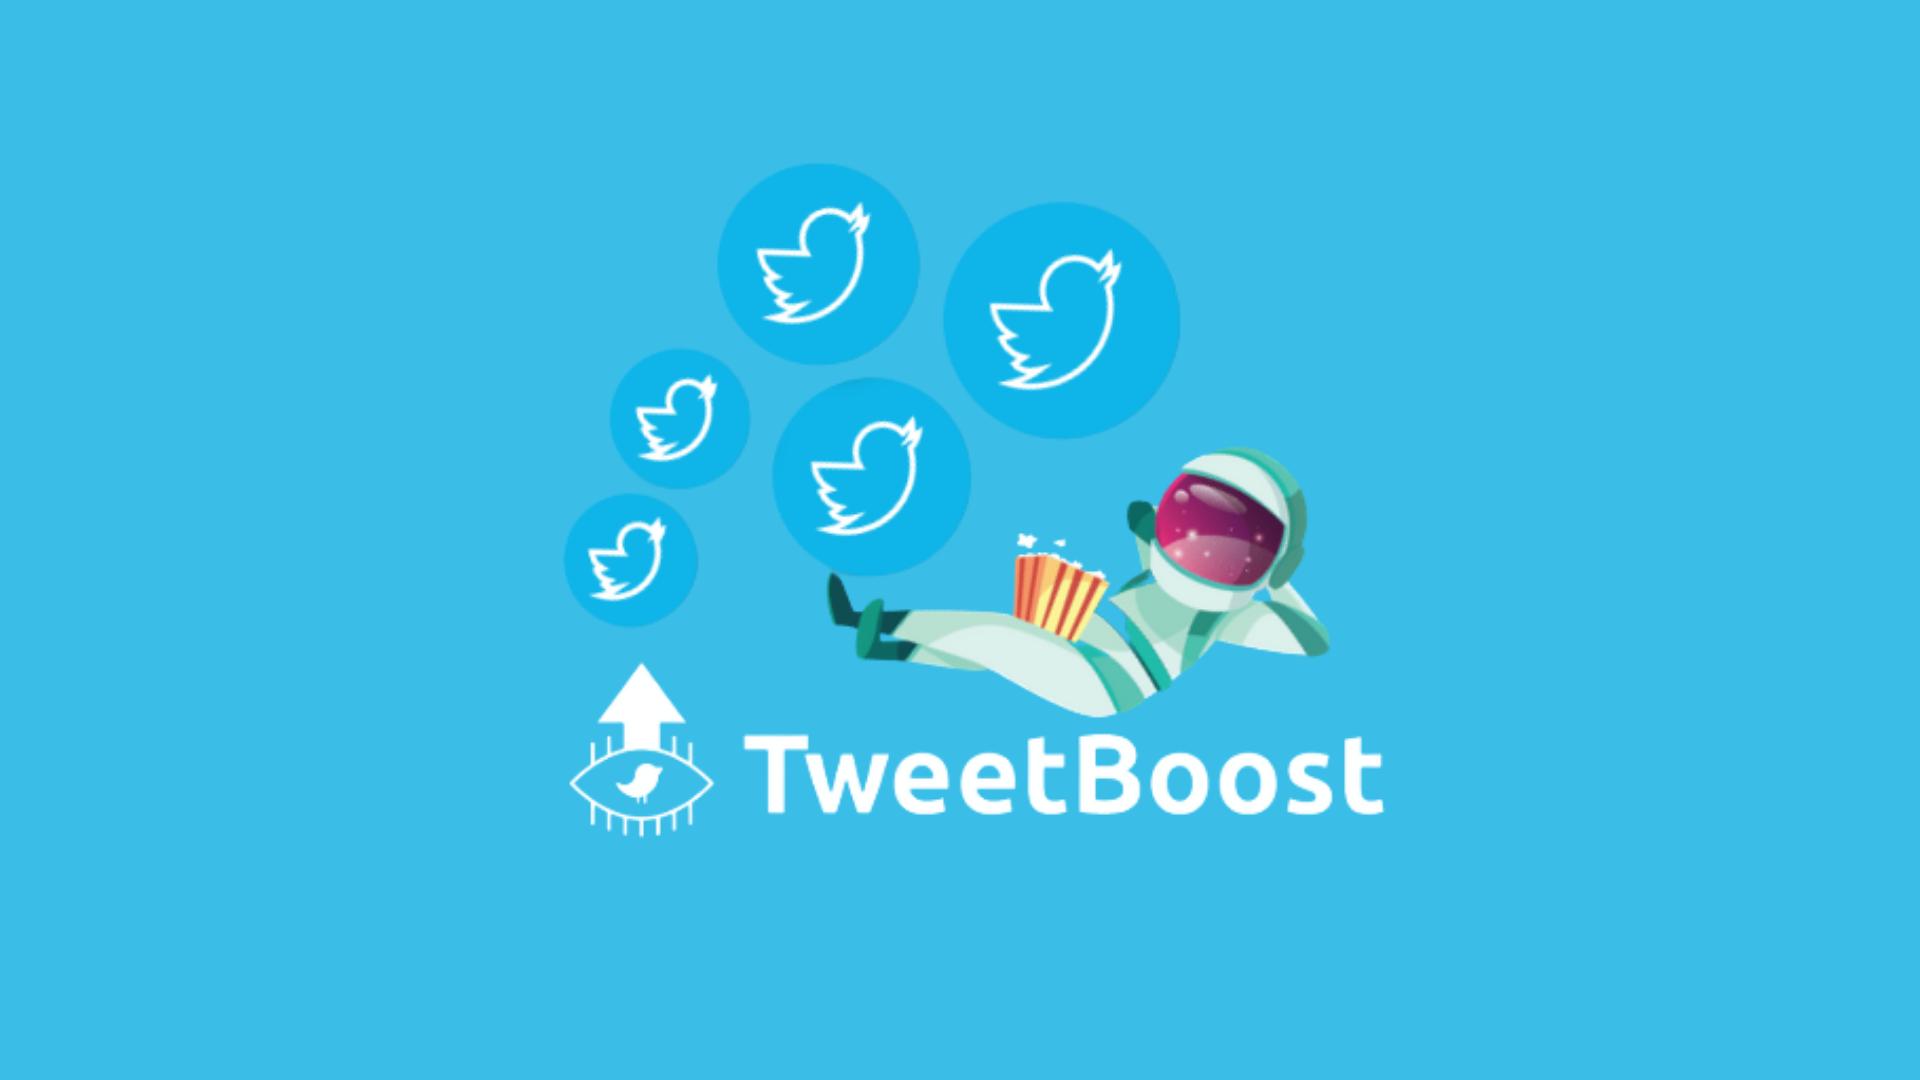 tweetboost